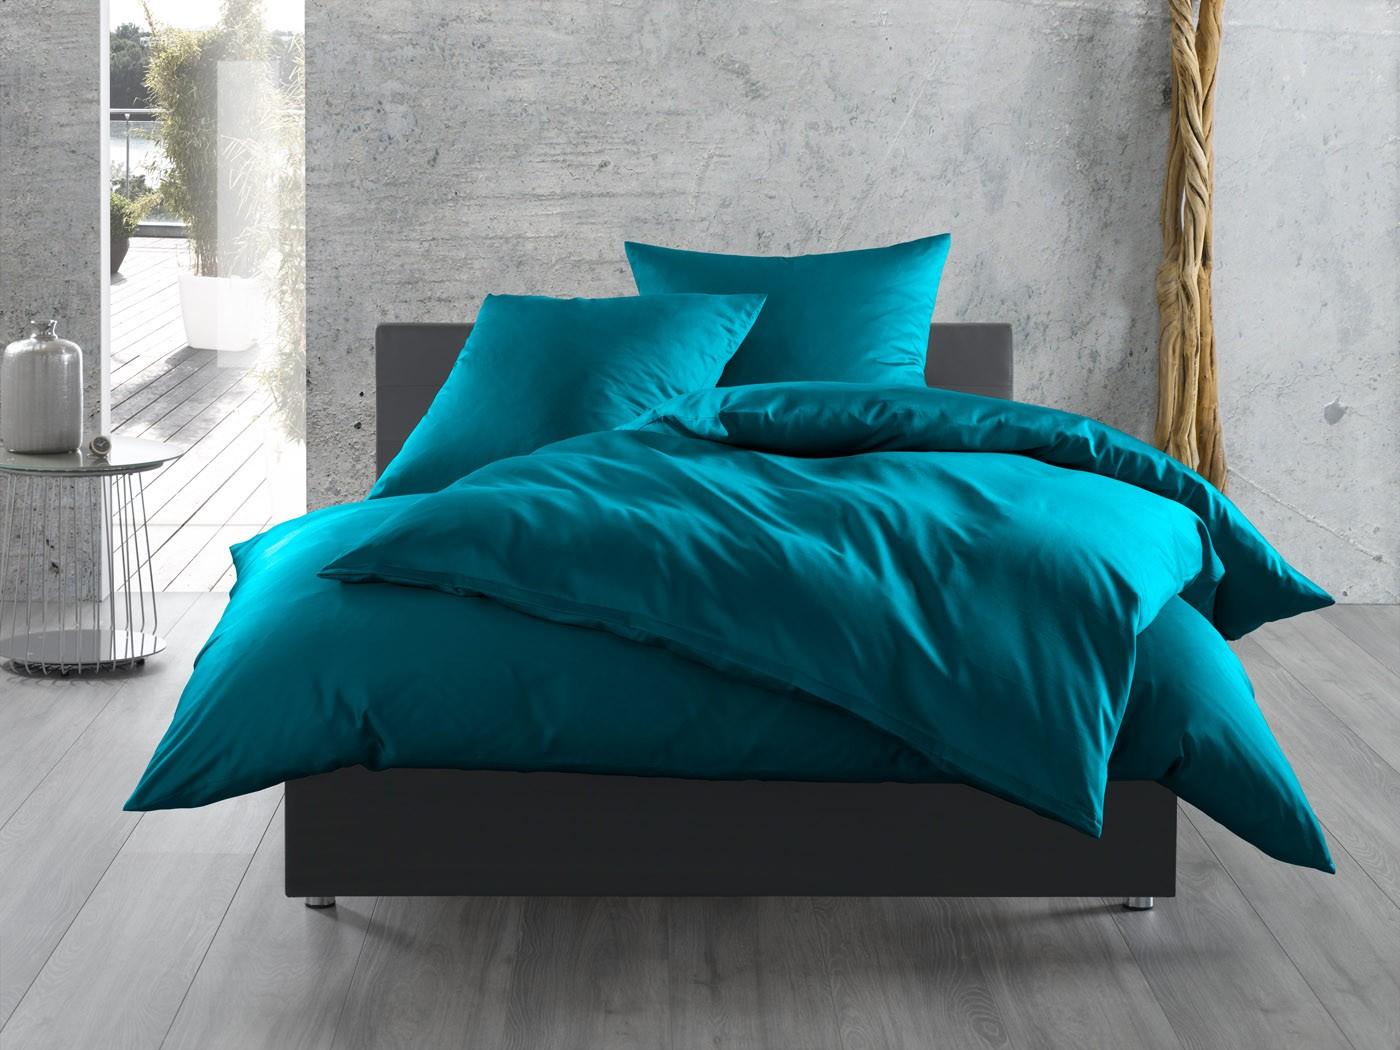 einfarbige bettw sche petrolblau bettwaesche mit stil. Black Bedroom Furniture Sets. Home Design Ideas